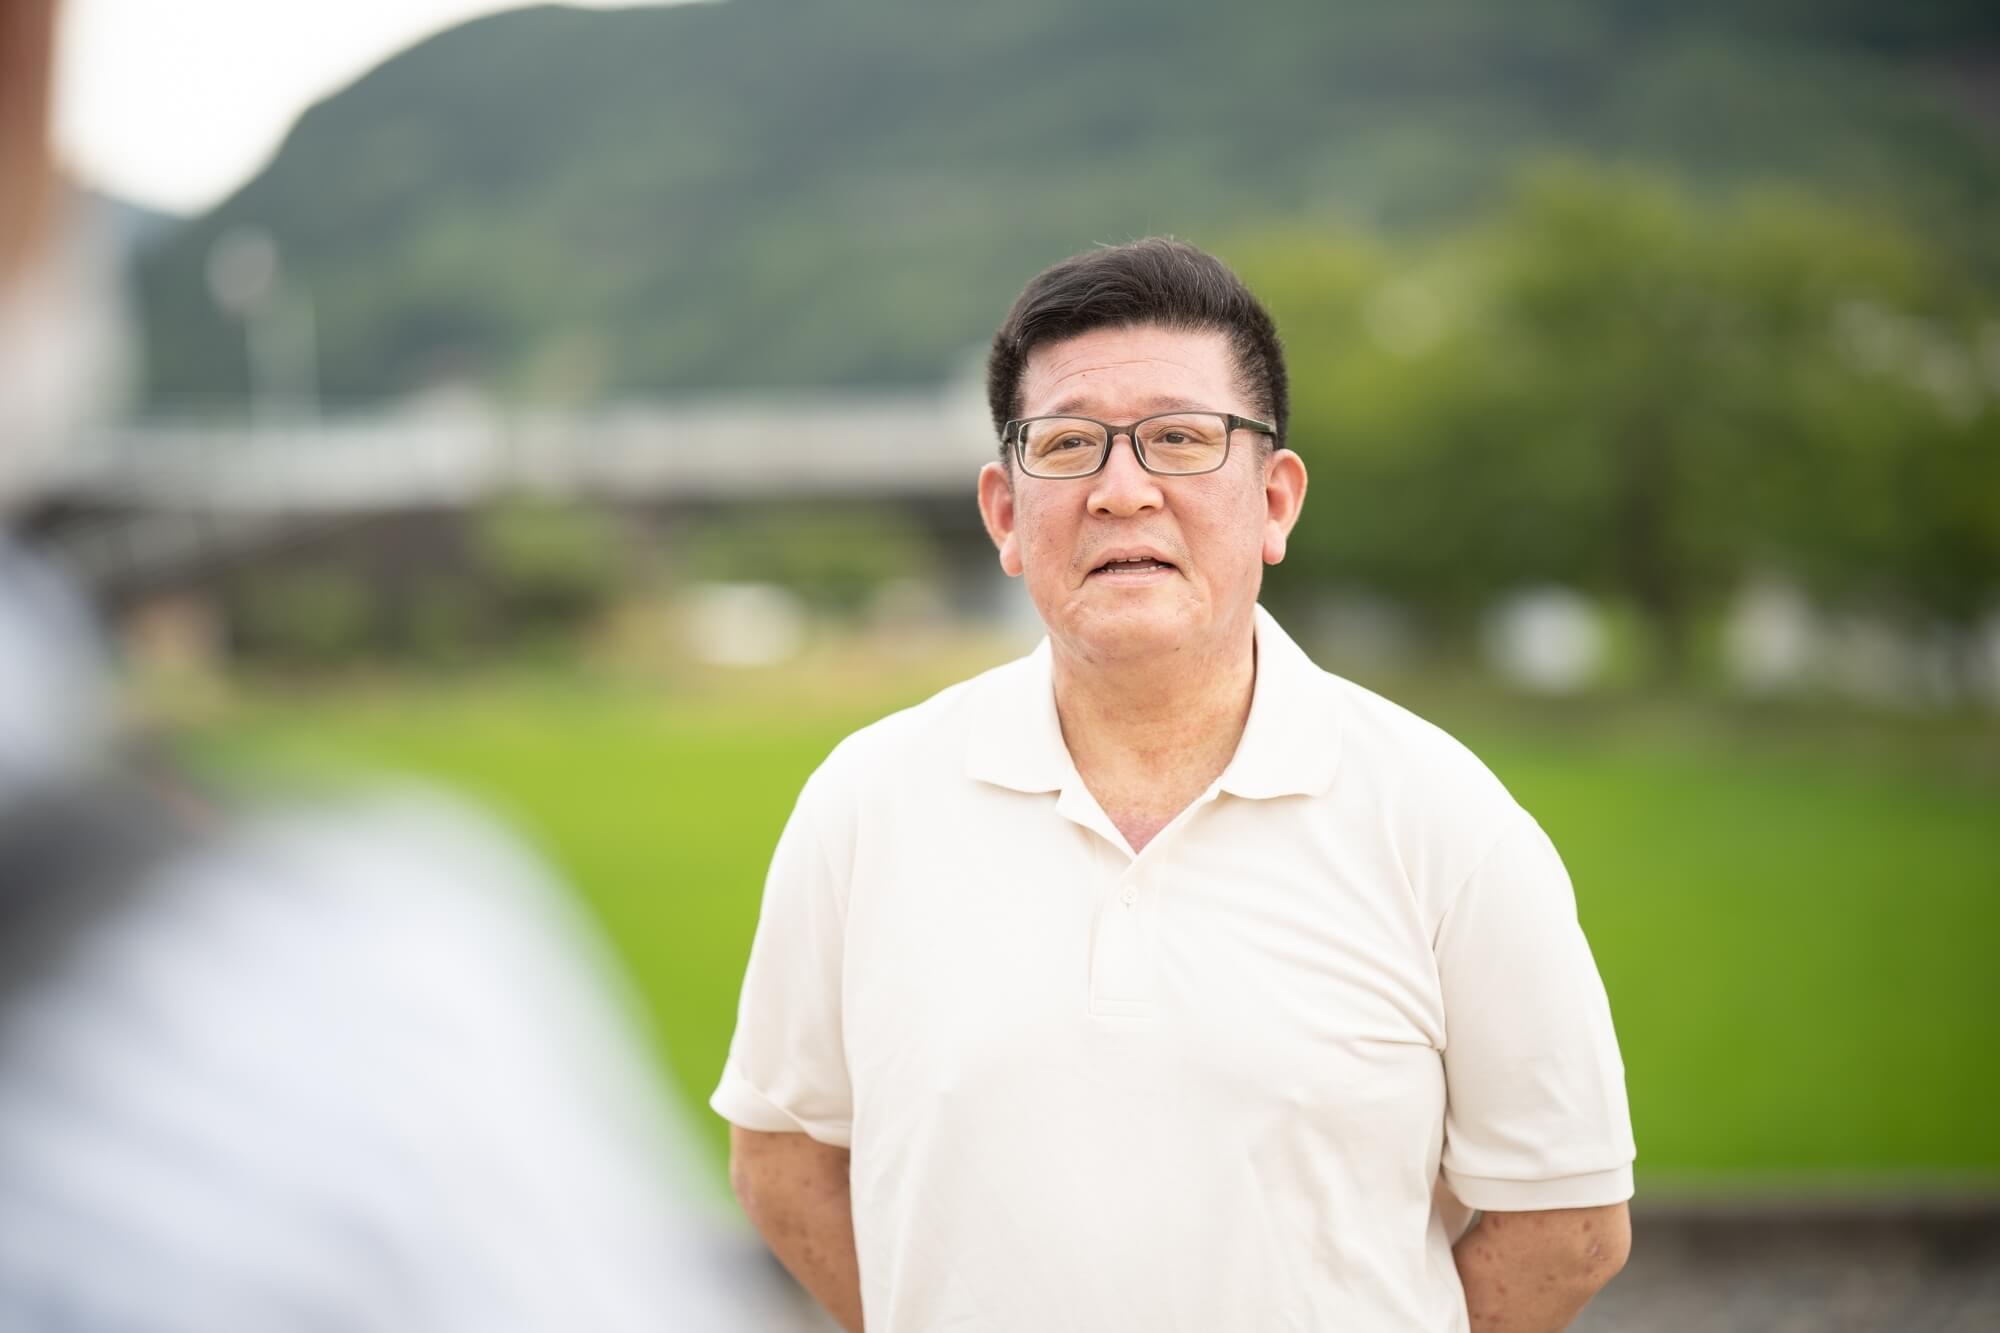 西海園・二瀬浩志さんが話す風景